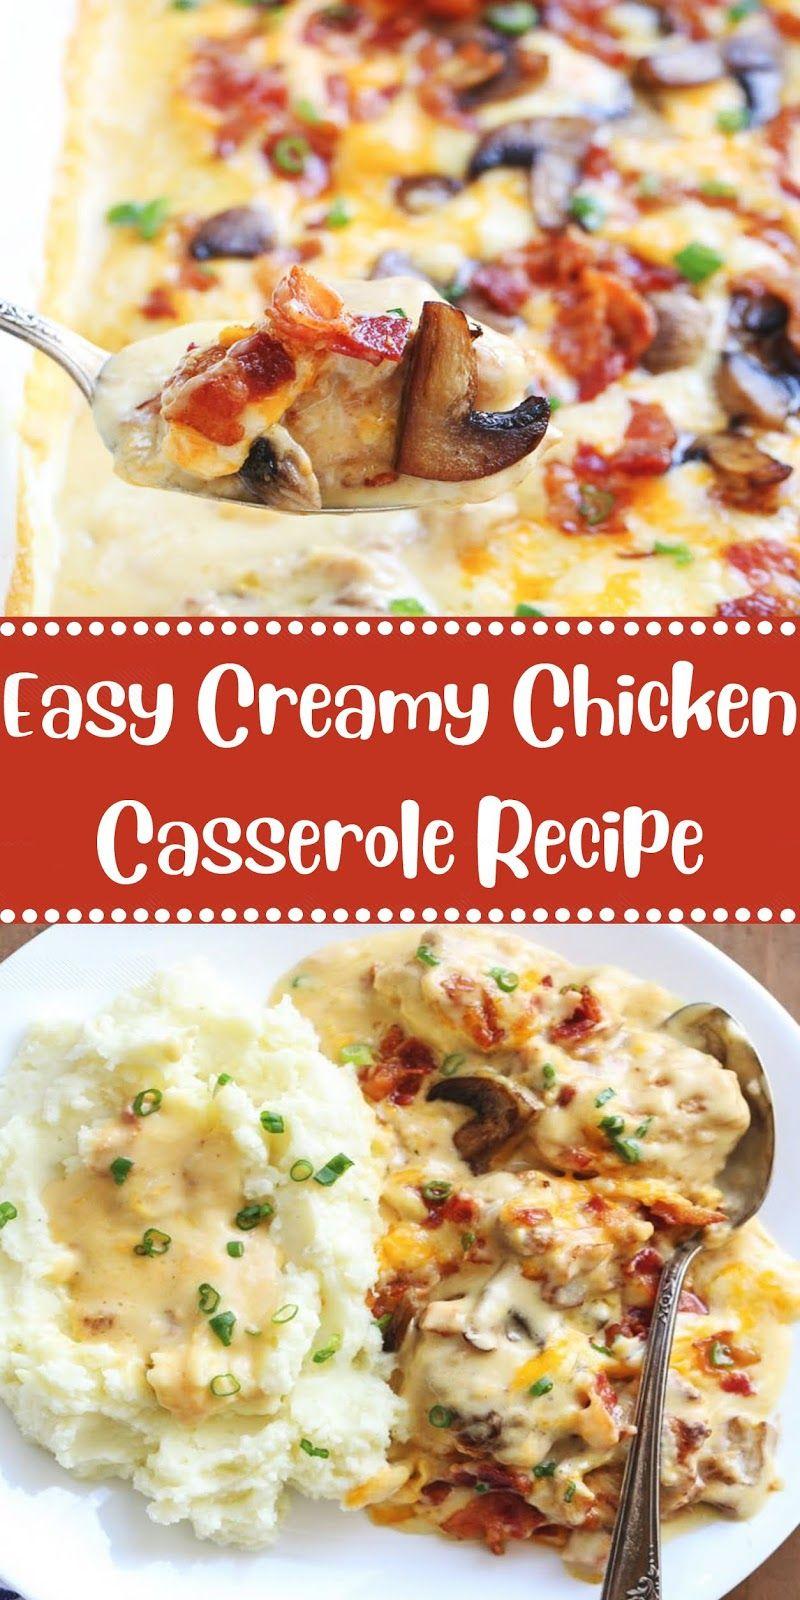 Easy Creamy Chicken Casserole Recipe Chicken Recipes Casserole Creamy Chicken Casserole Casserole Recipes